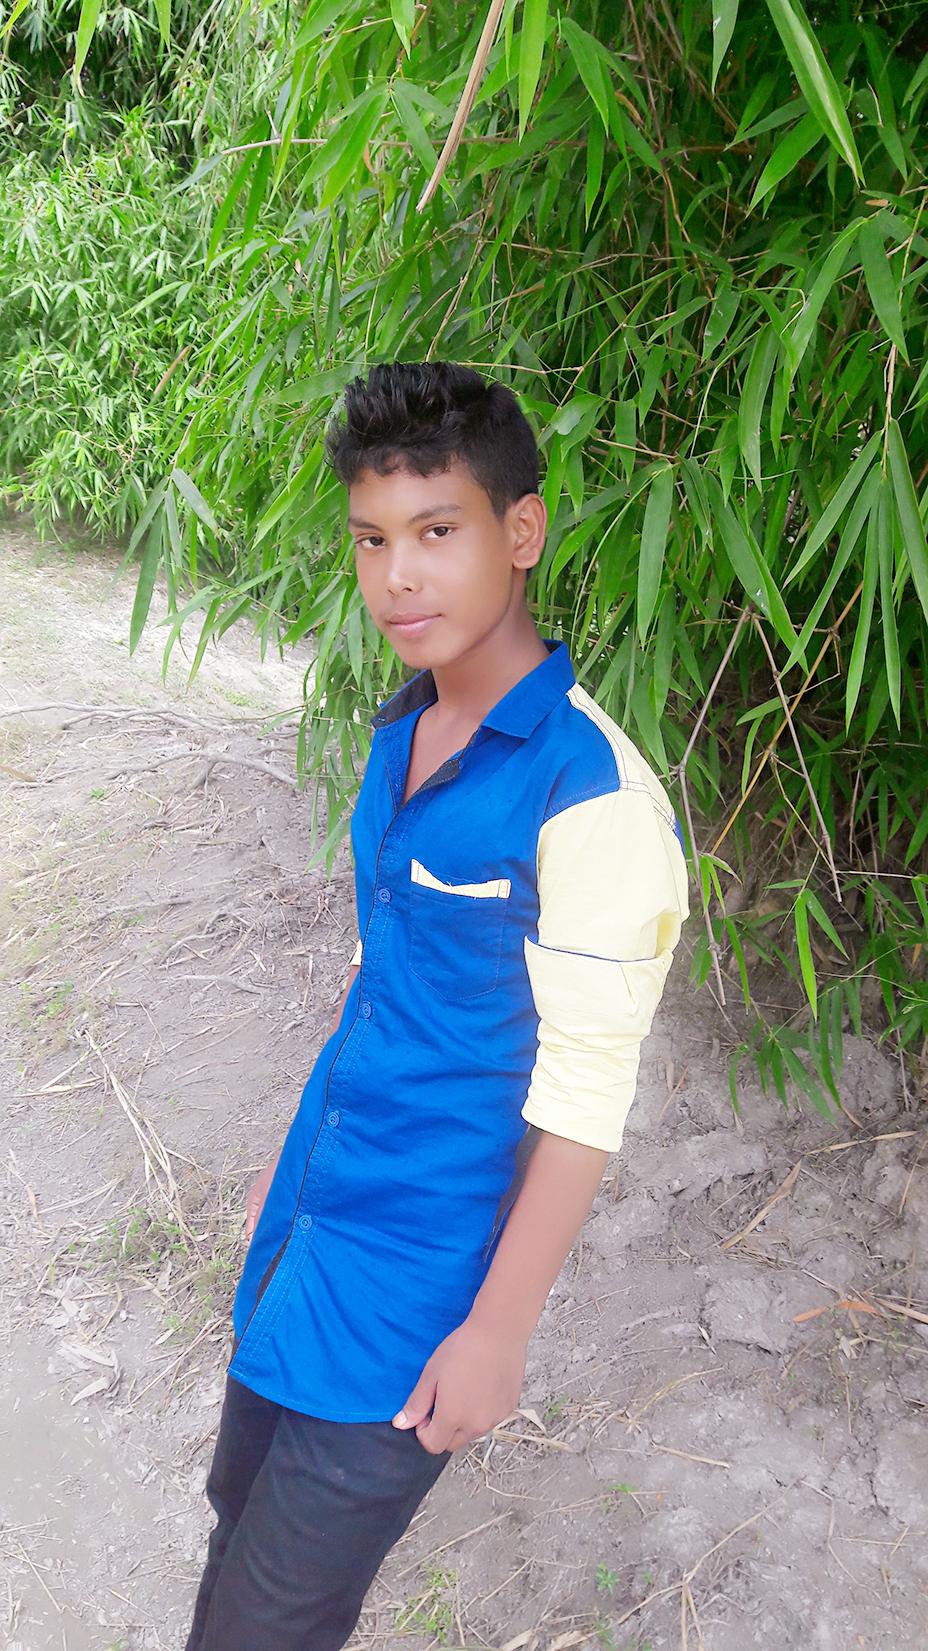 RAHANBD